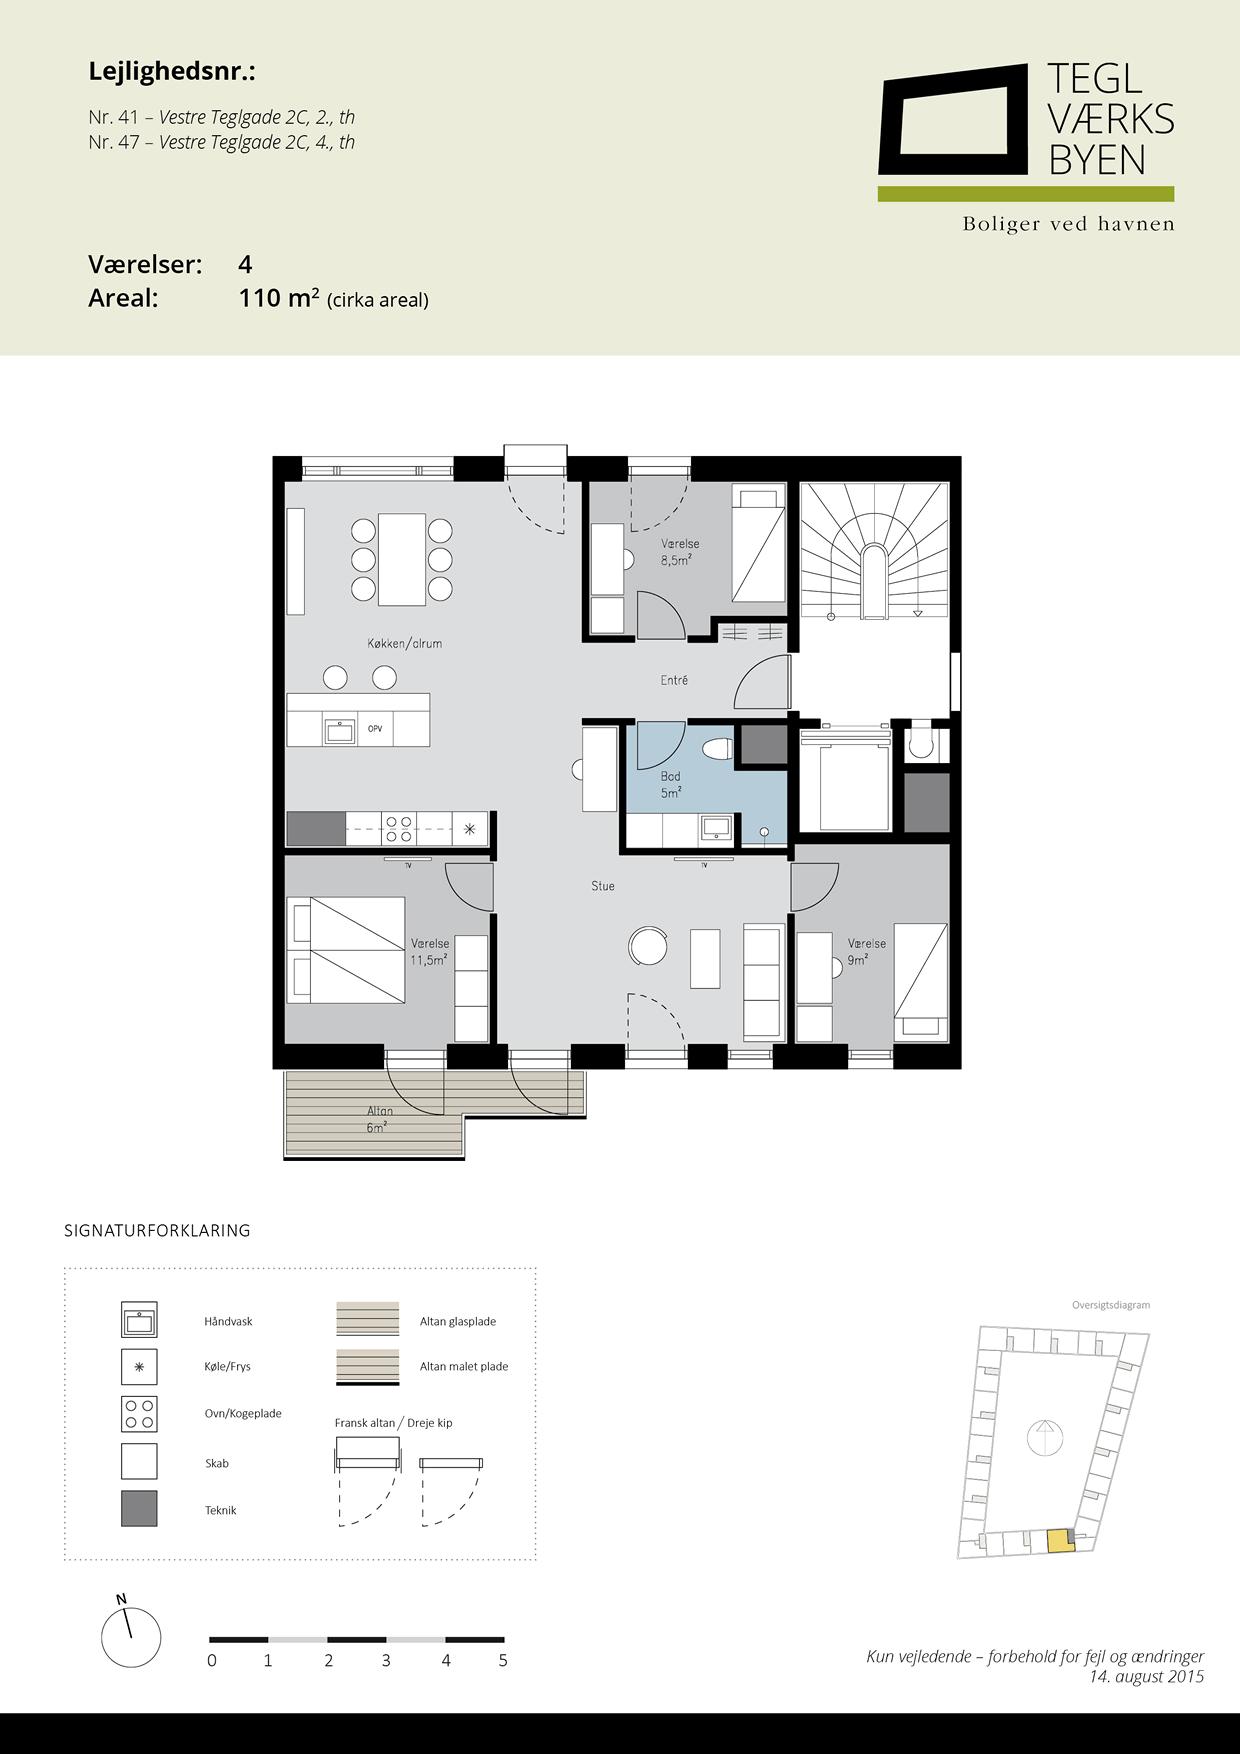 Teglvaerksbyen_41-47_plan